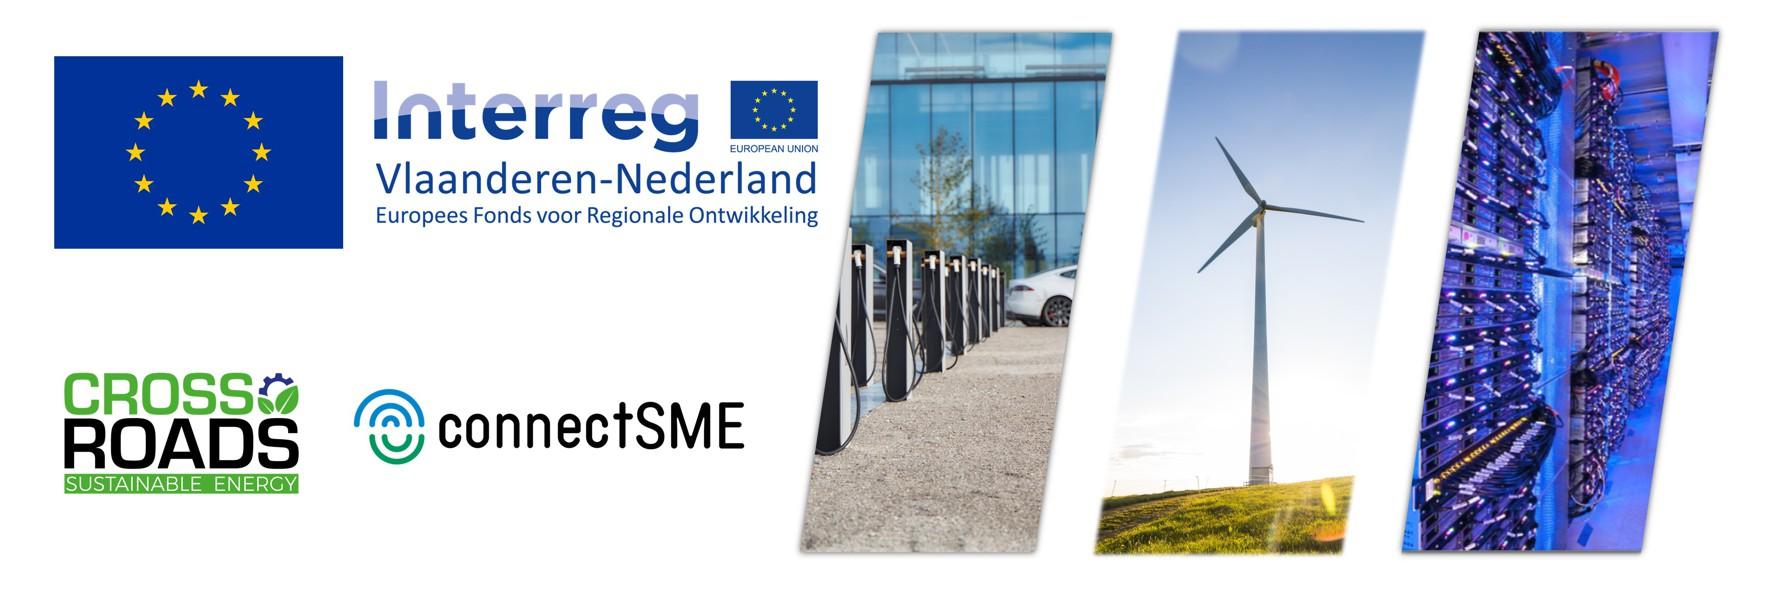 Energieprojecten in Vlaanderen